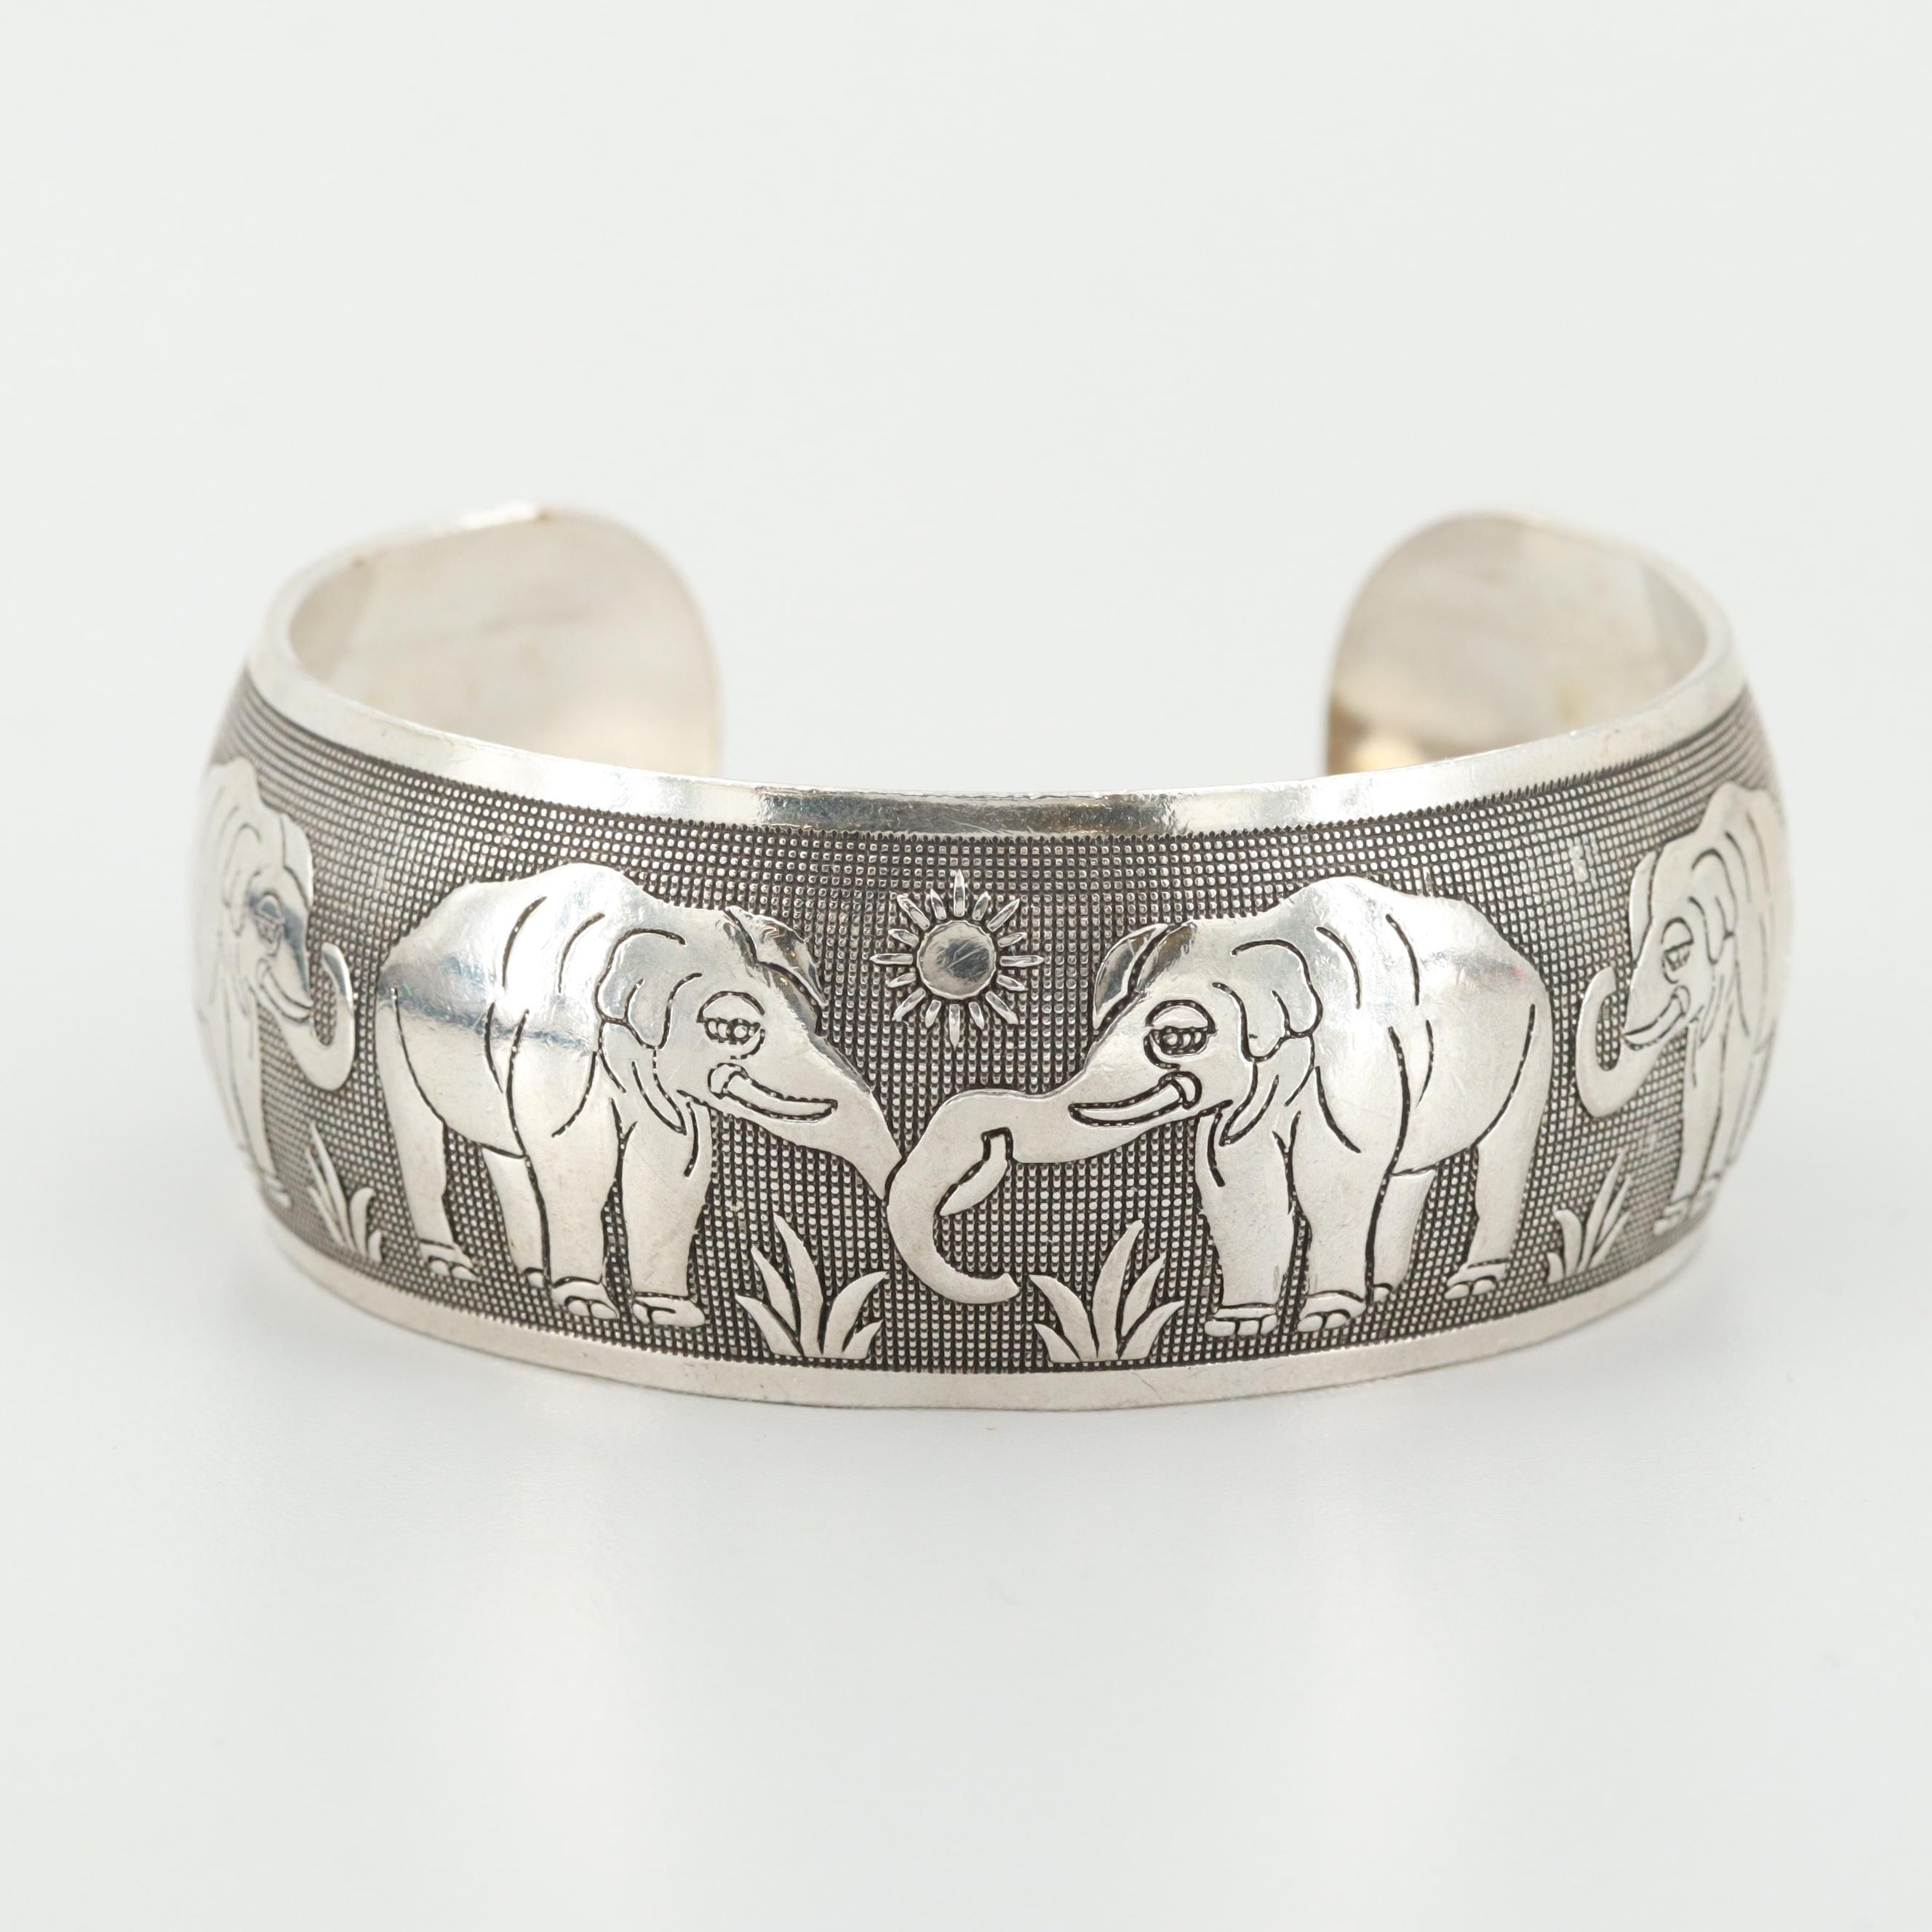 Sterling Silver Elephant Cuff Bracelet